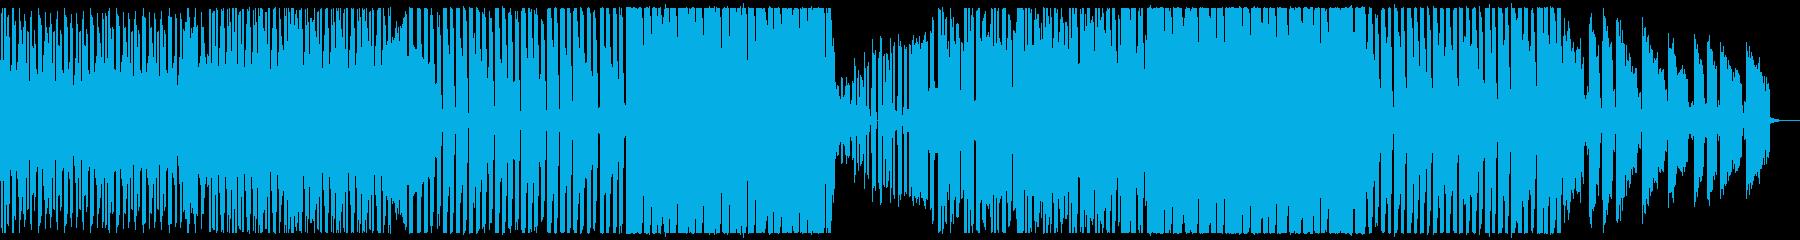 未来的なピアノトリオ調BGMの再生済みの波形